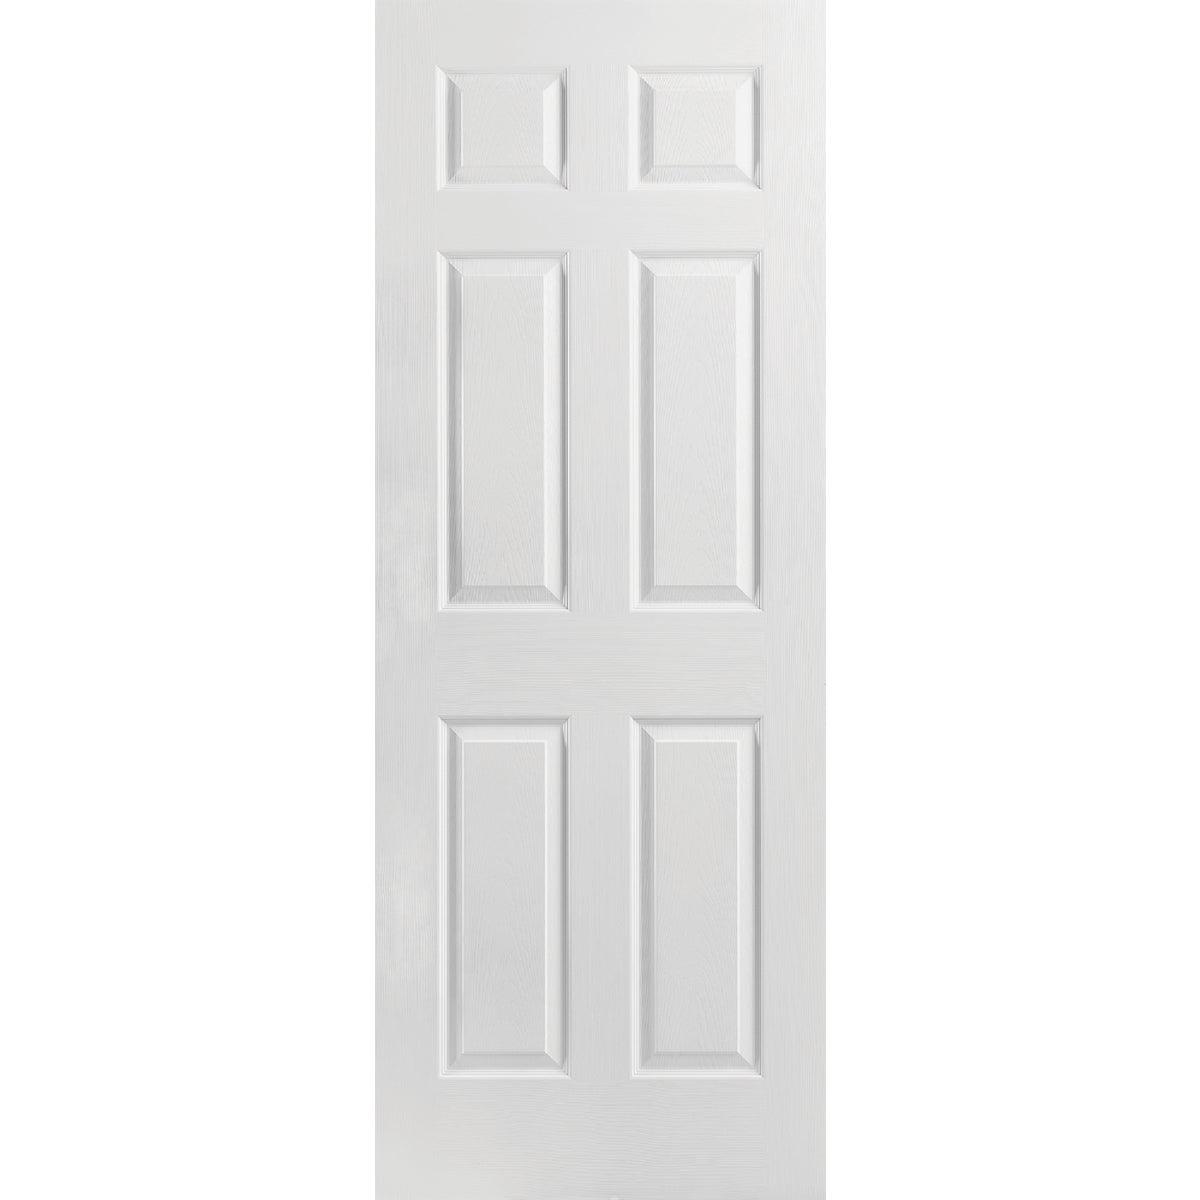 2/0 1-3/8 6PN TX HC DOOR